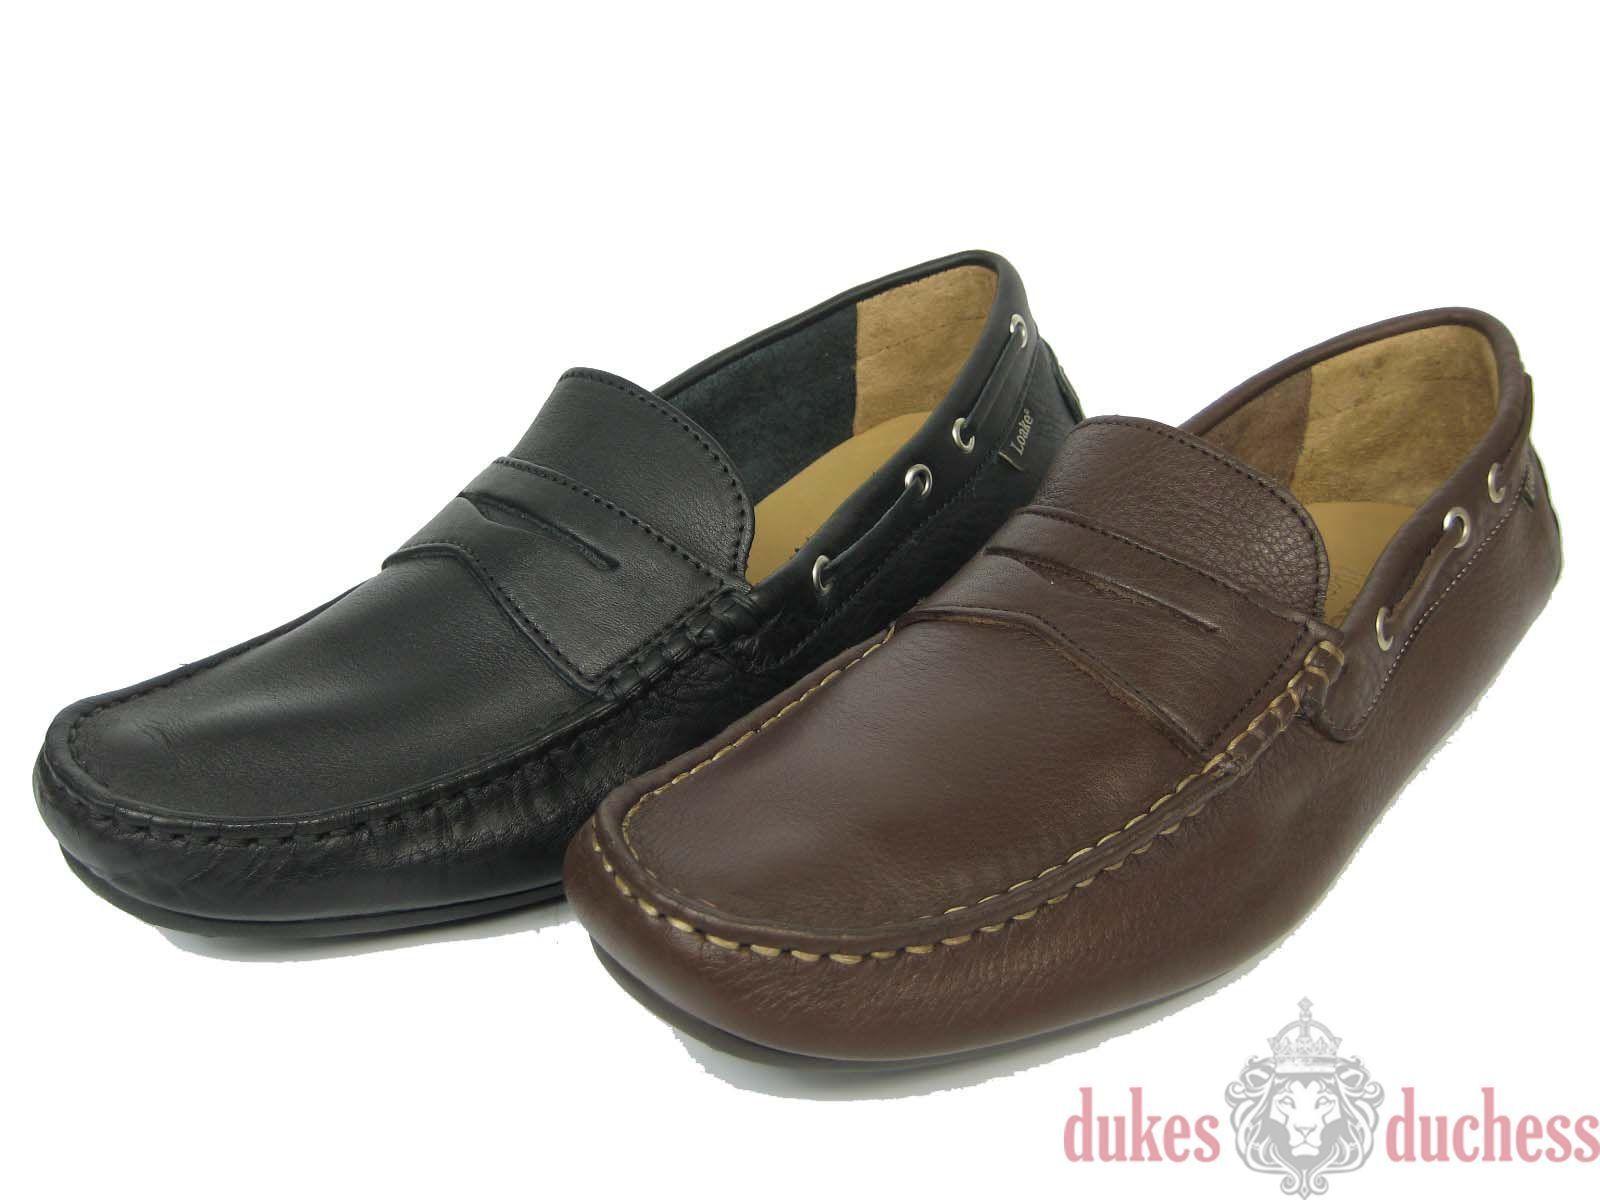 Loake Lifestyle Lifestyle Lifestyle Healey Messieurs Cuir Mocassins Mocassin slipper Noir/Marron 40-47 7cac4f